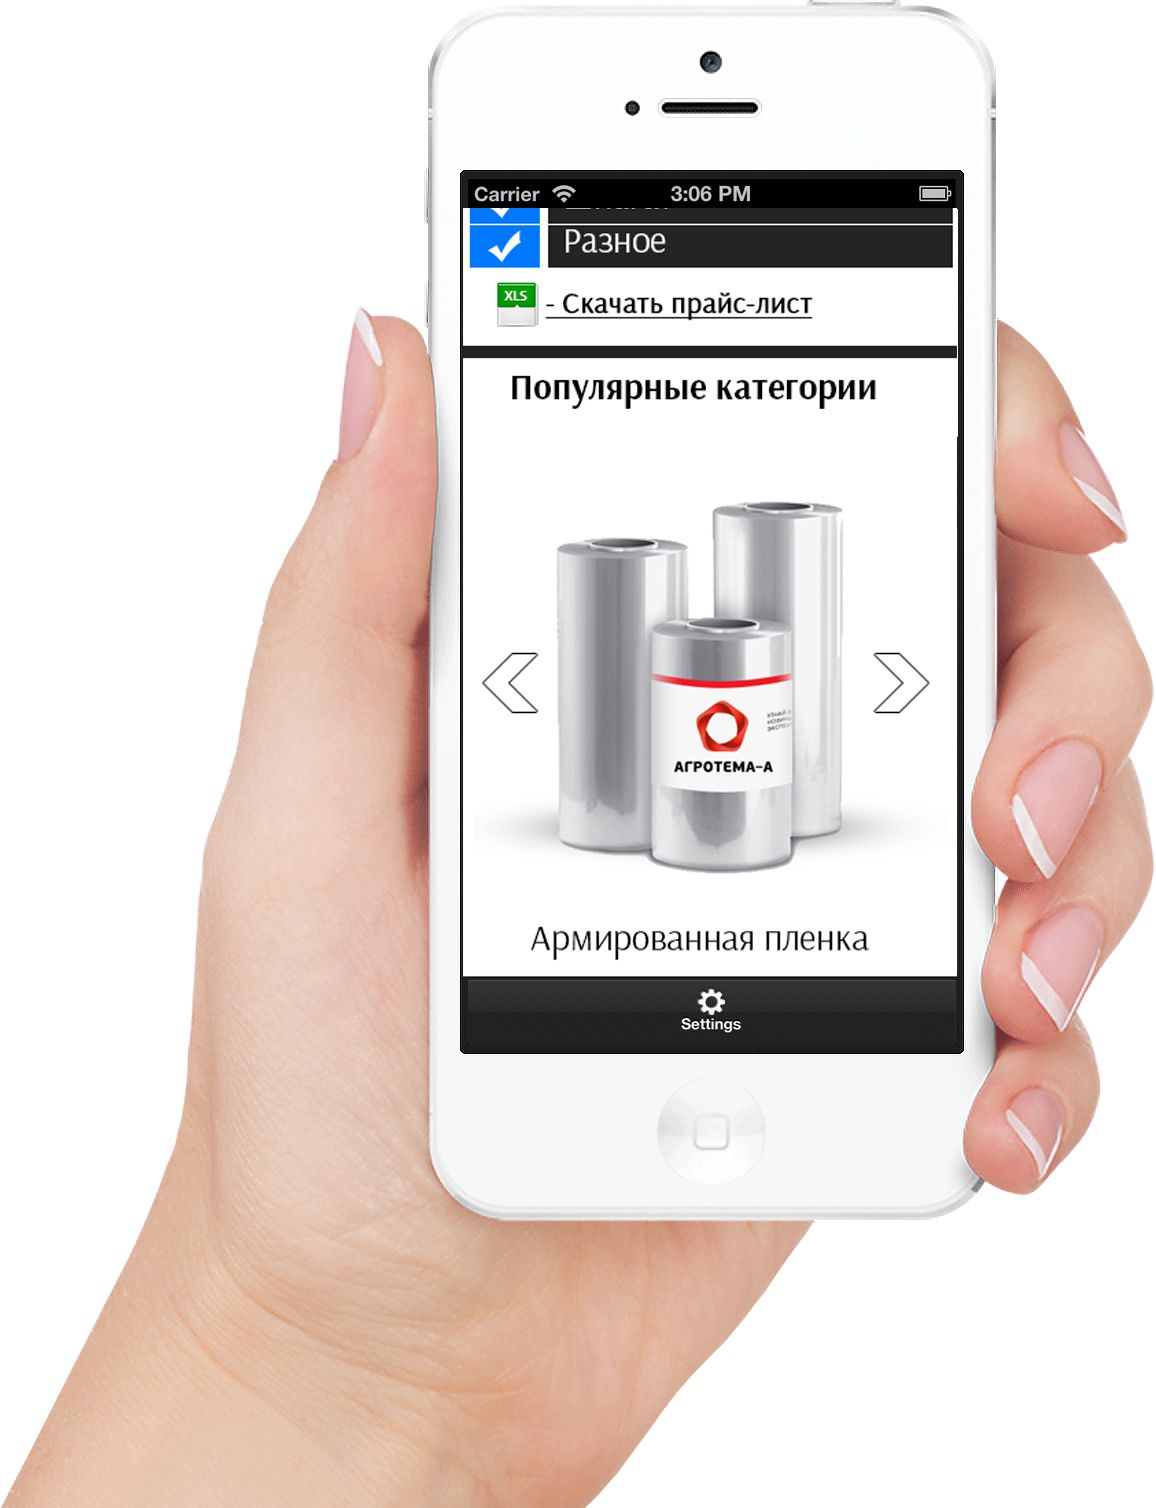 Новая главная страница agrotema.ru - дизайнер art-studia